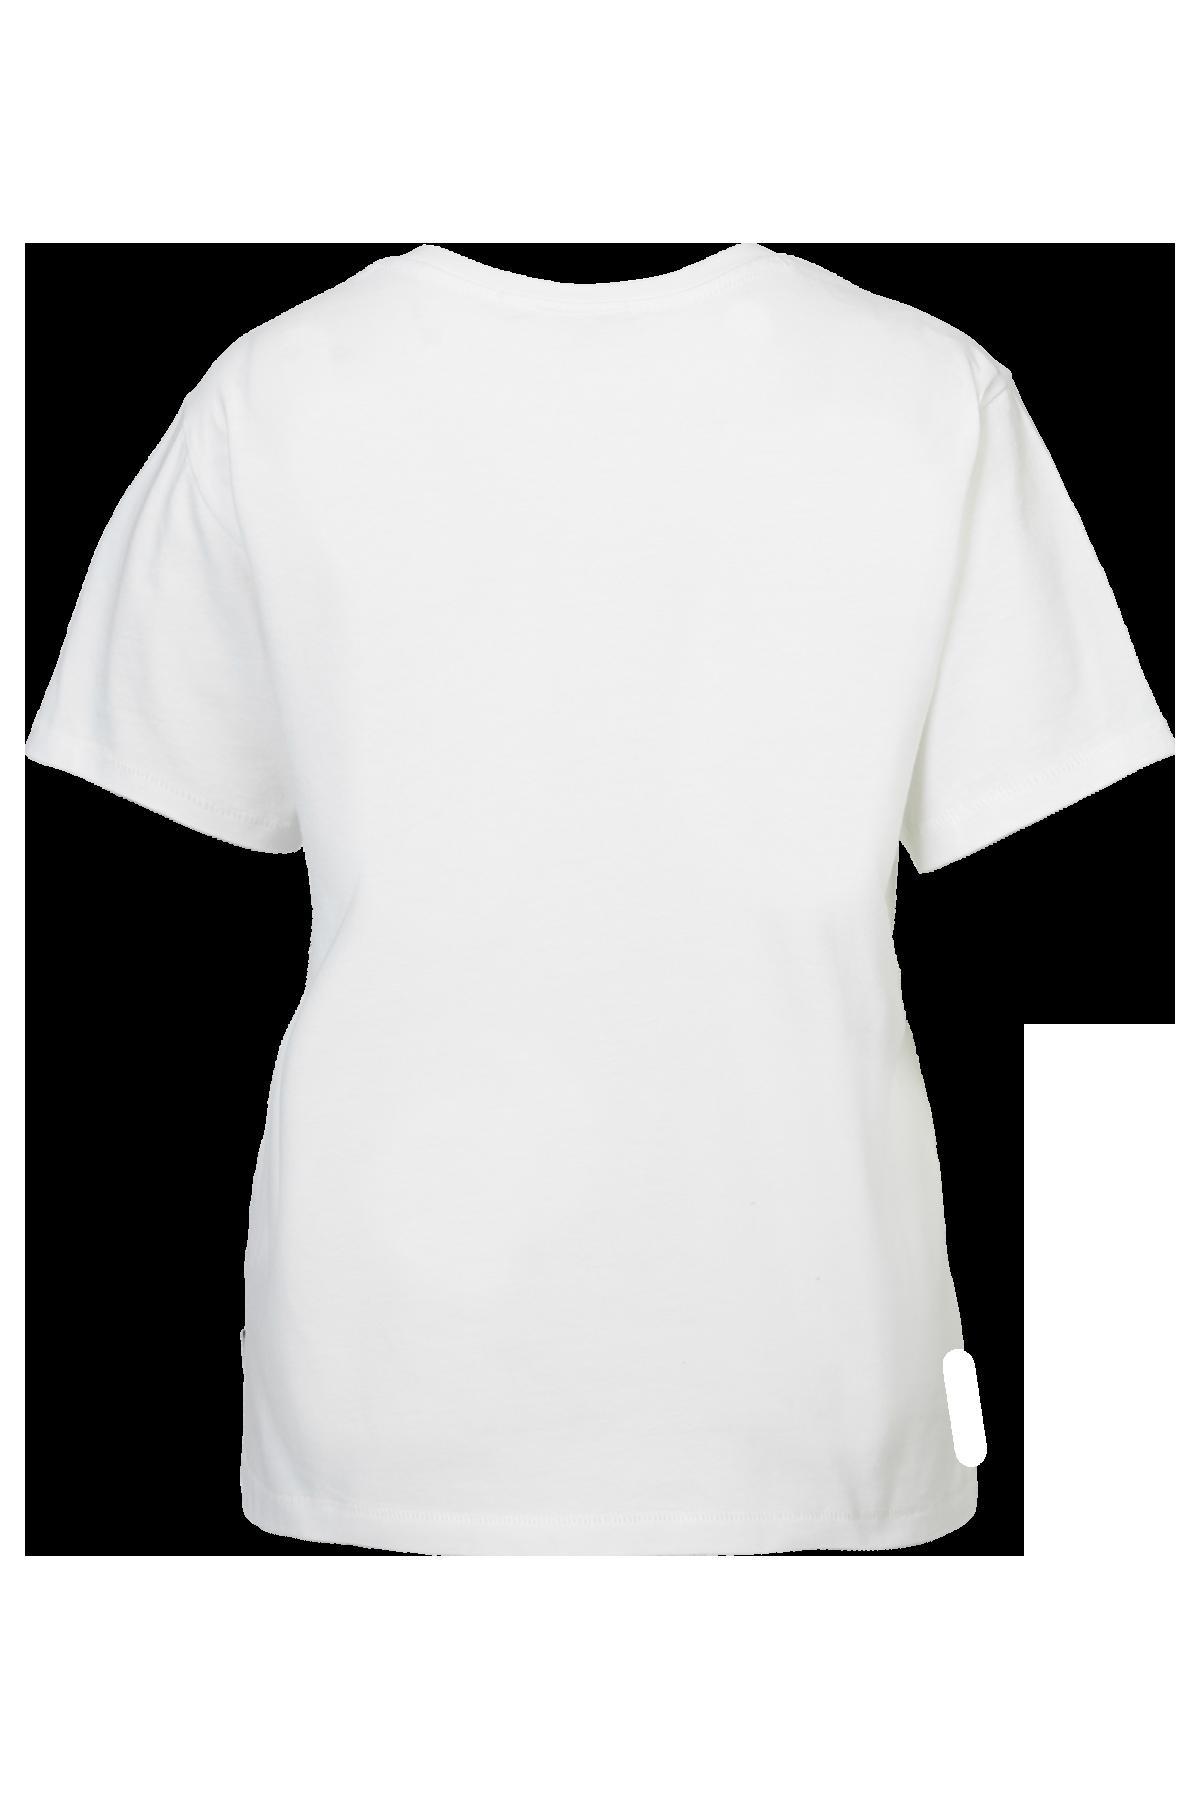 T-shirt Evelyn Breakfast club